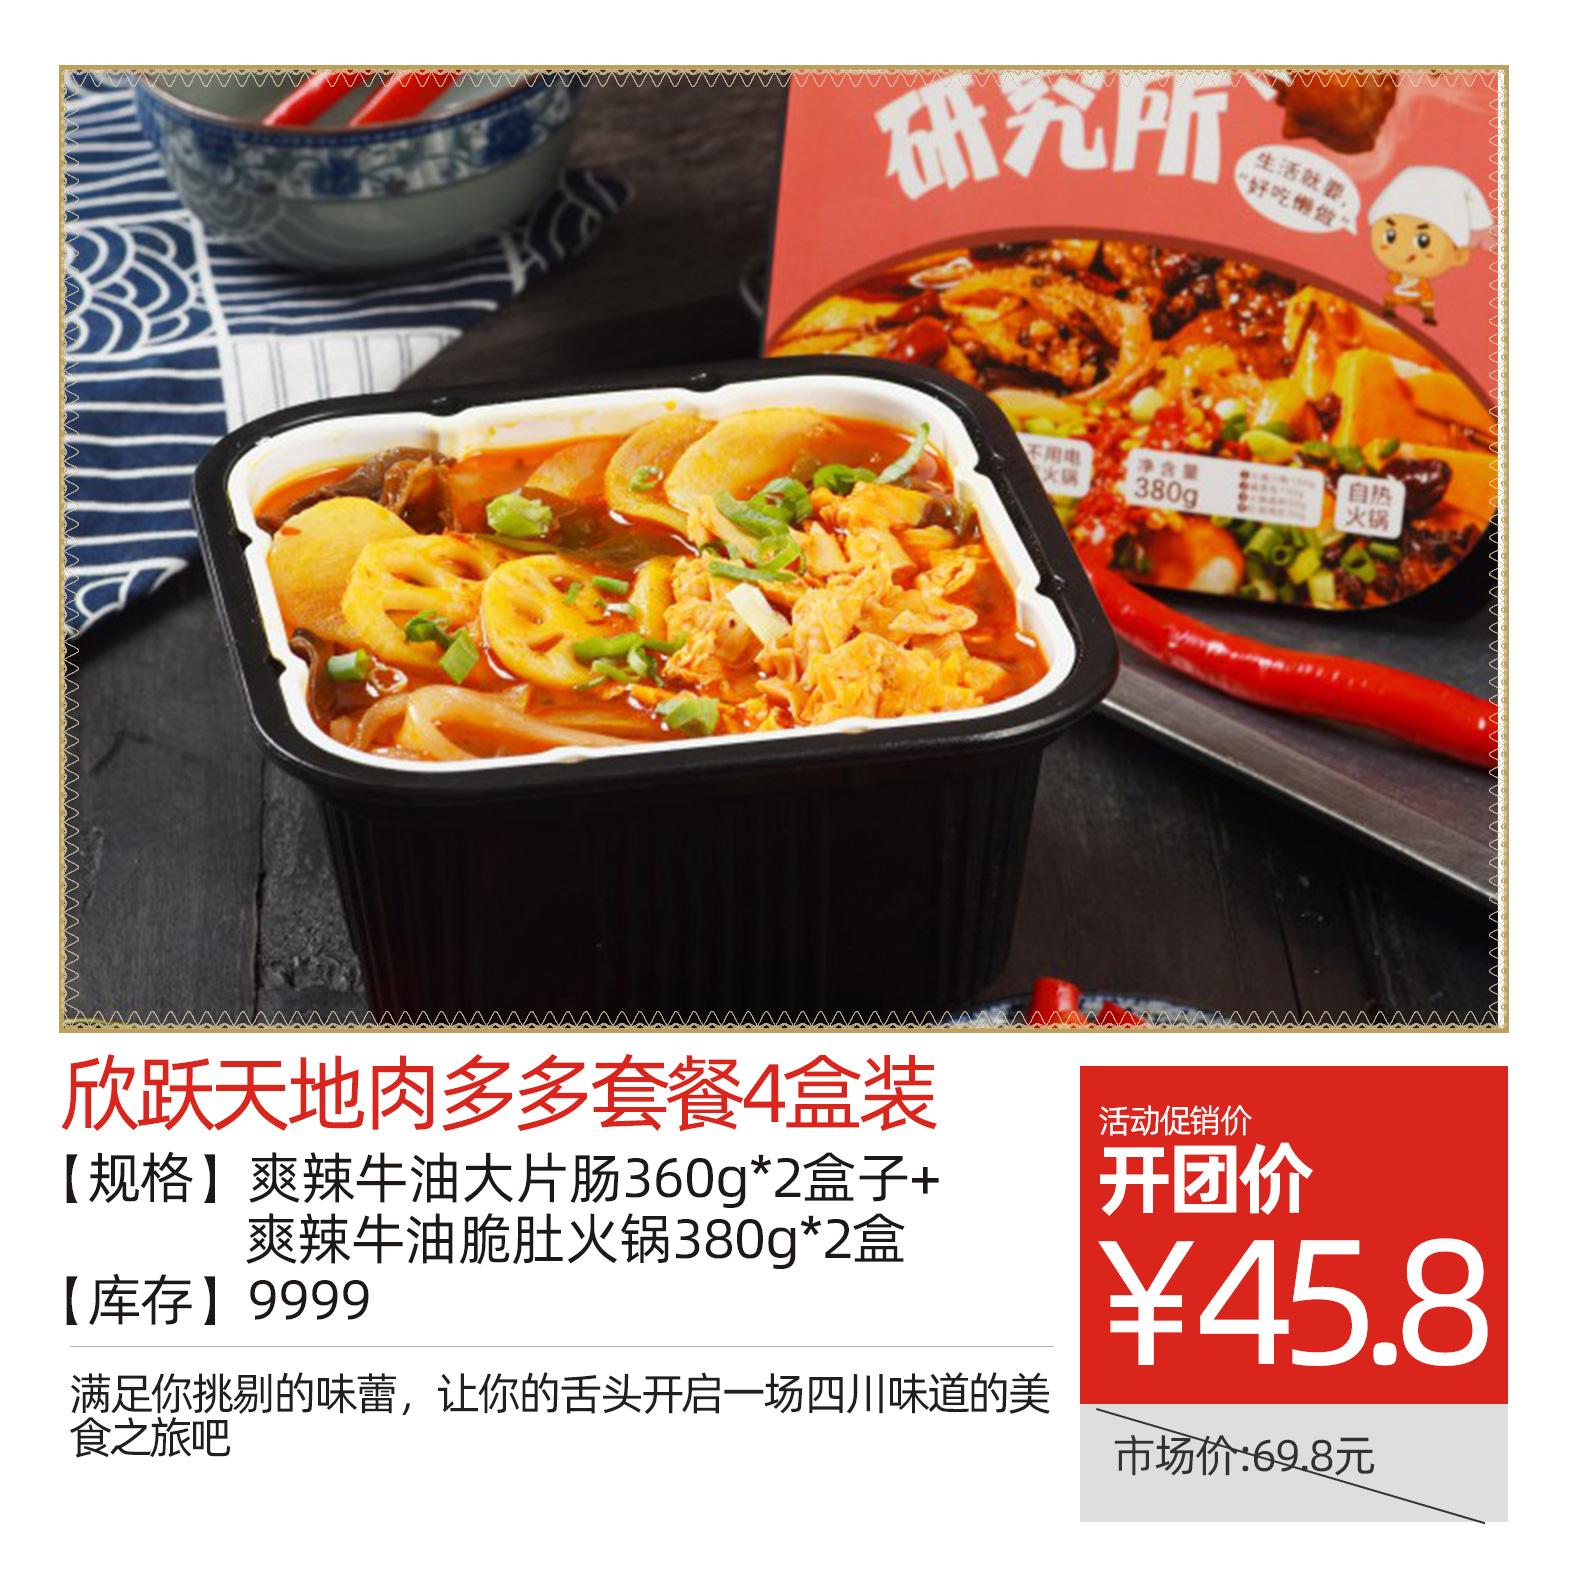 【欣跃天地】+肉多多套餐4盒装重量2680g